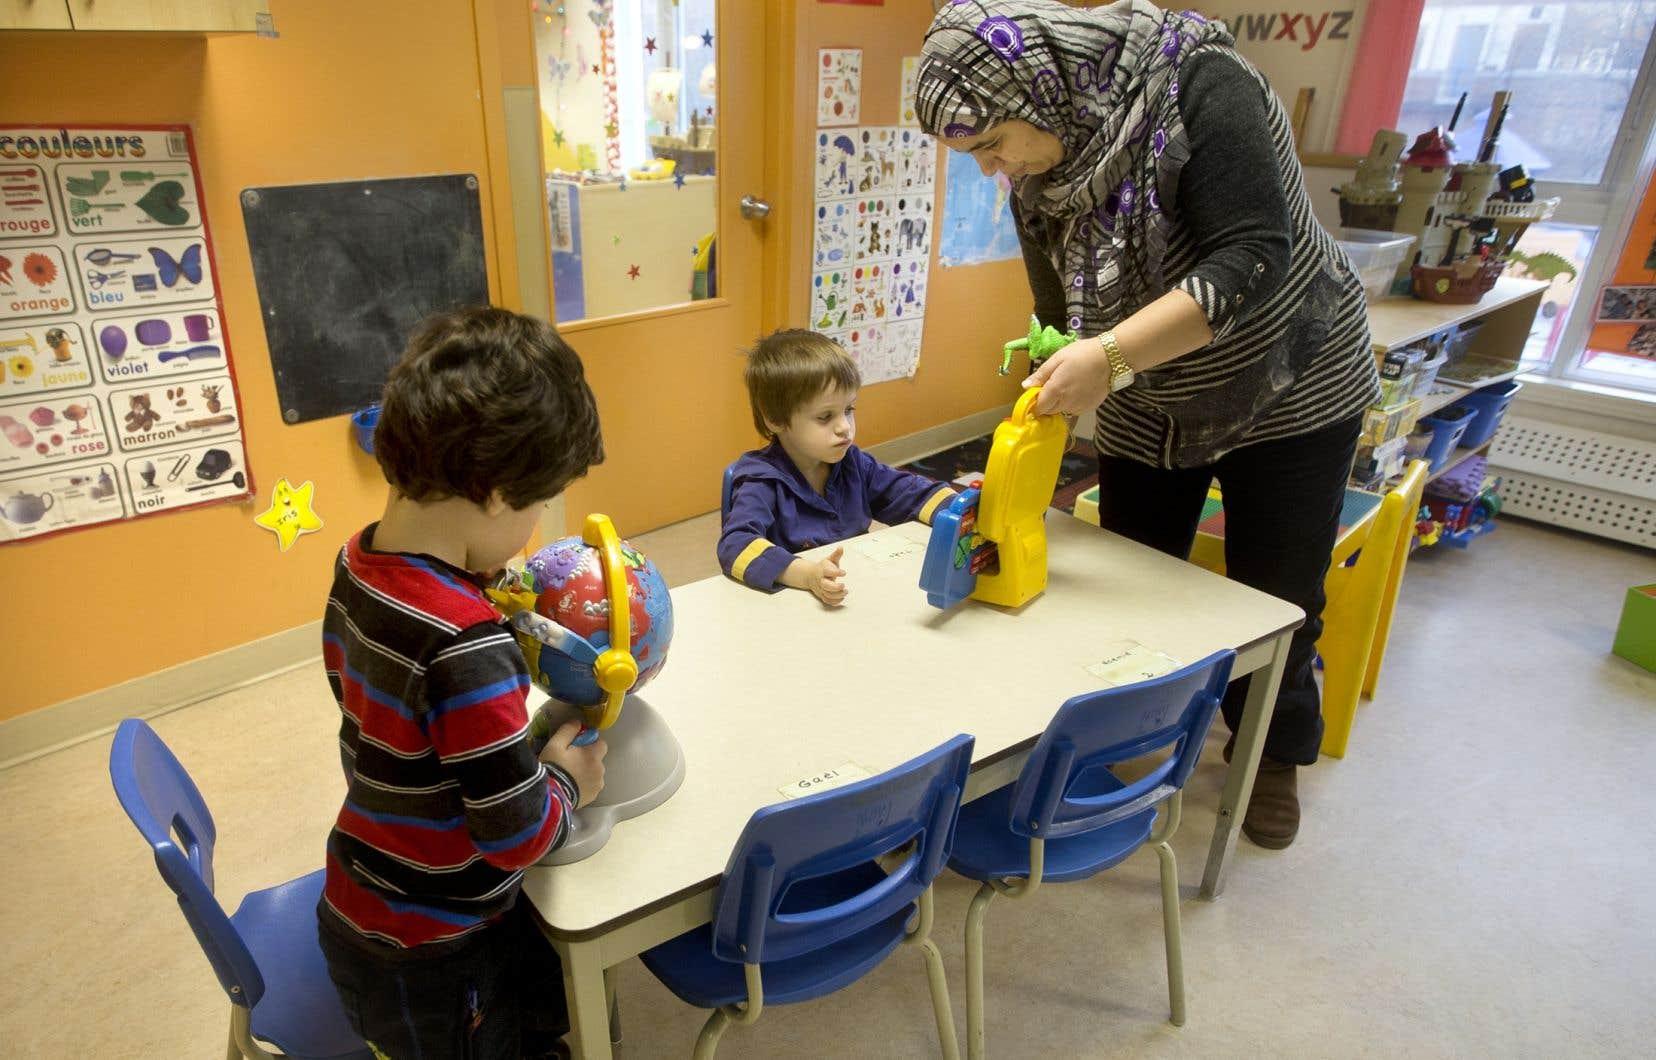 «Quelqu'un qui veut devenir enseignant au Québec sait que les signes religieux ne sont pas permis. C'est un choix de société que nous avons fait», se défend le cabinet du ministre Roberge.